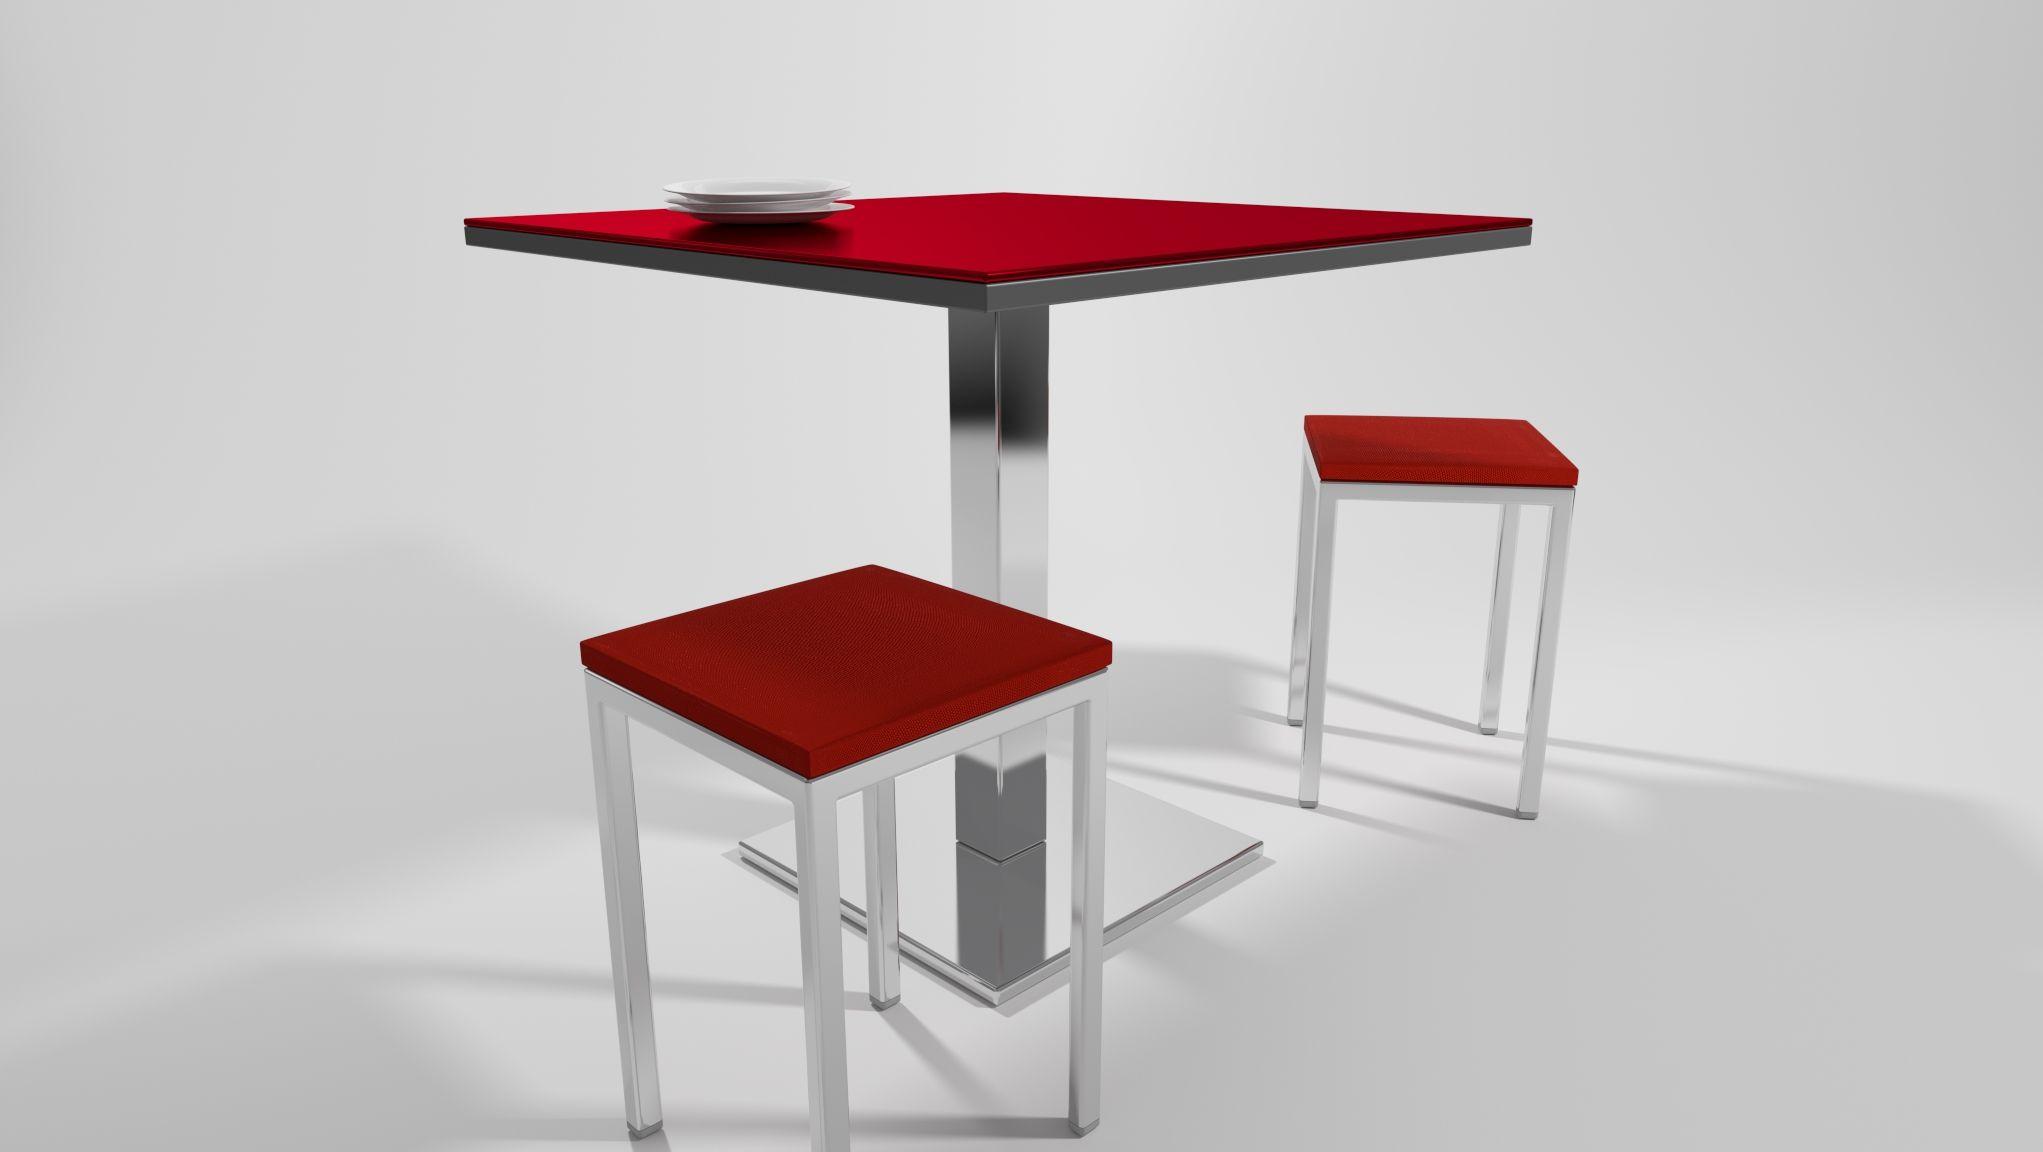 mesa de cocina cuadrada junto a pequeño taburete, todo en color rojo ...